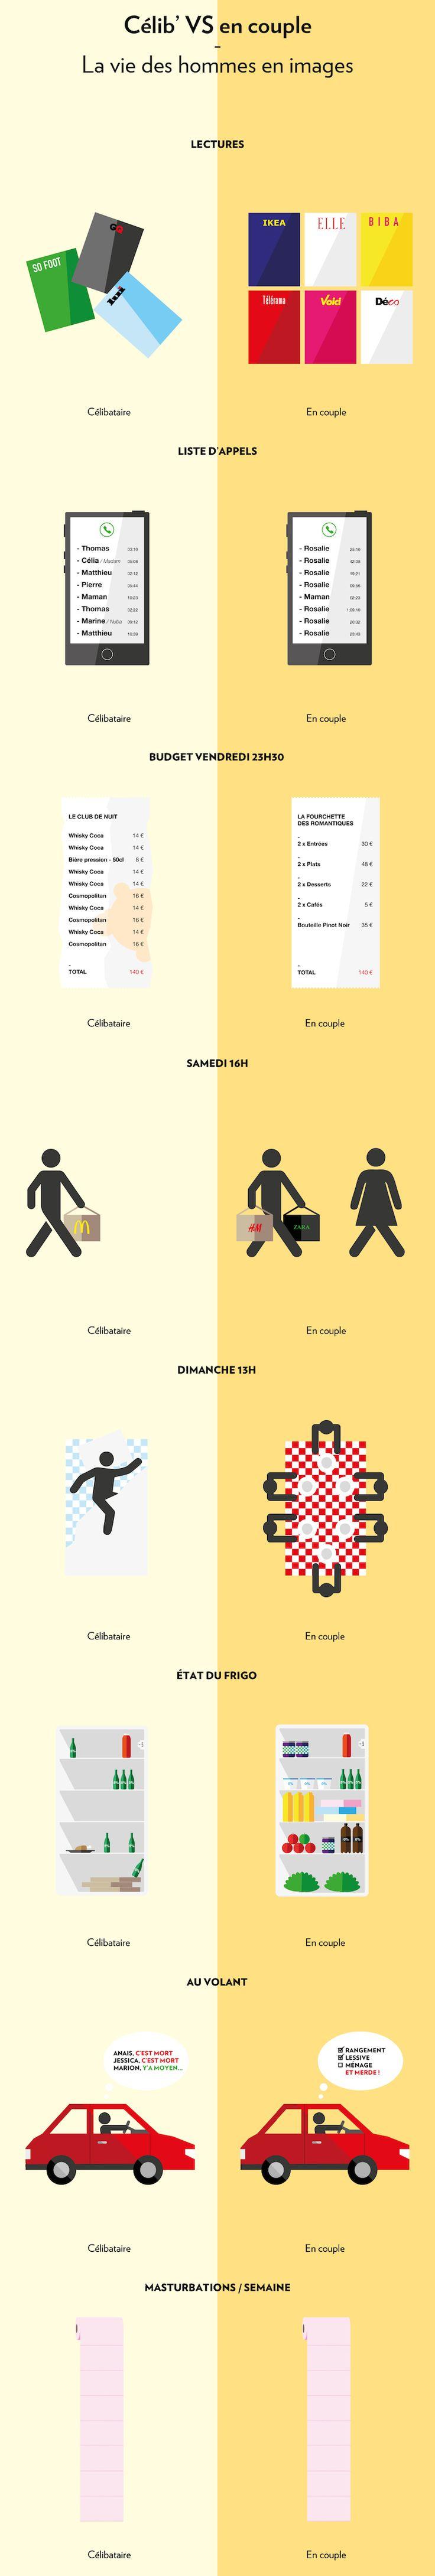 Infographie : les différences entre le couple et le célibat vues par les hommes et les femmes ! Excellent !